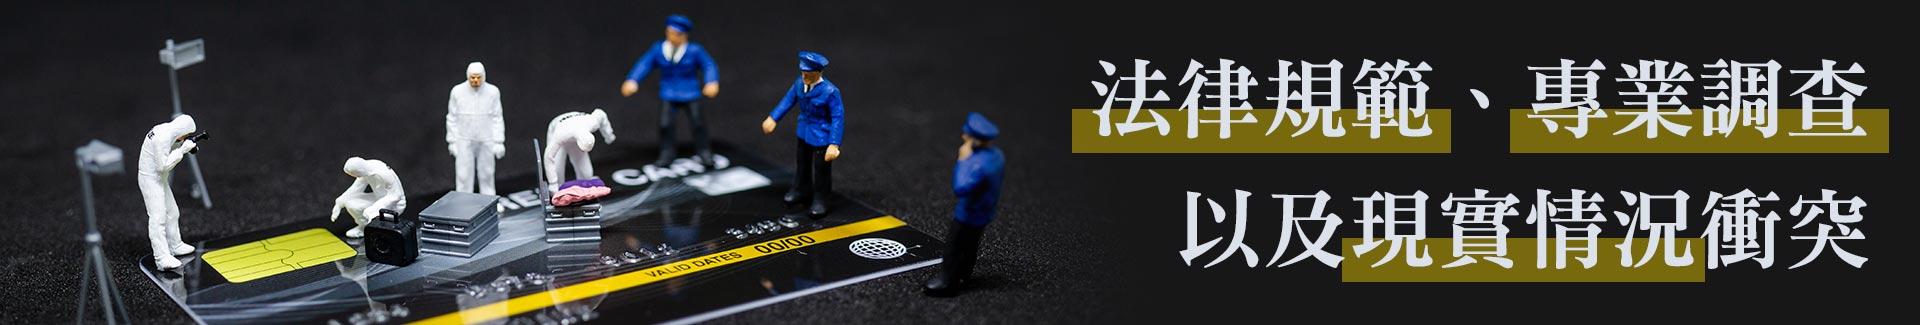 法律規範、專業調查,以及現實情況衝突